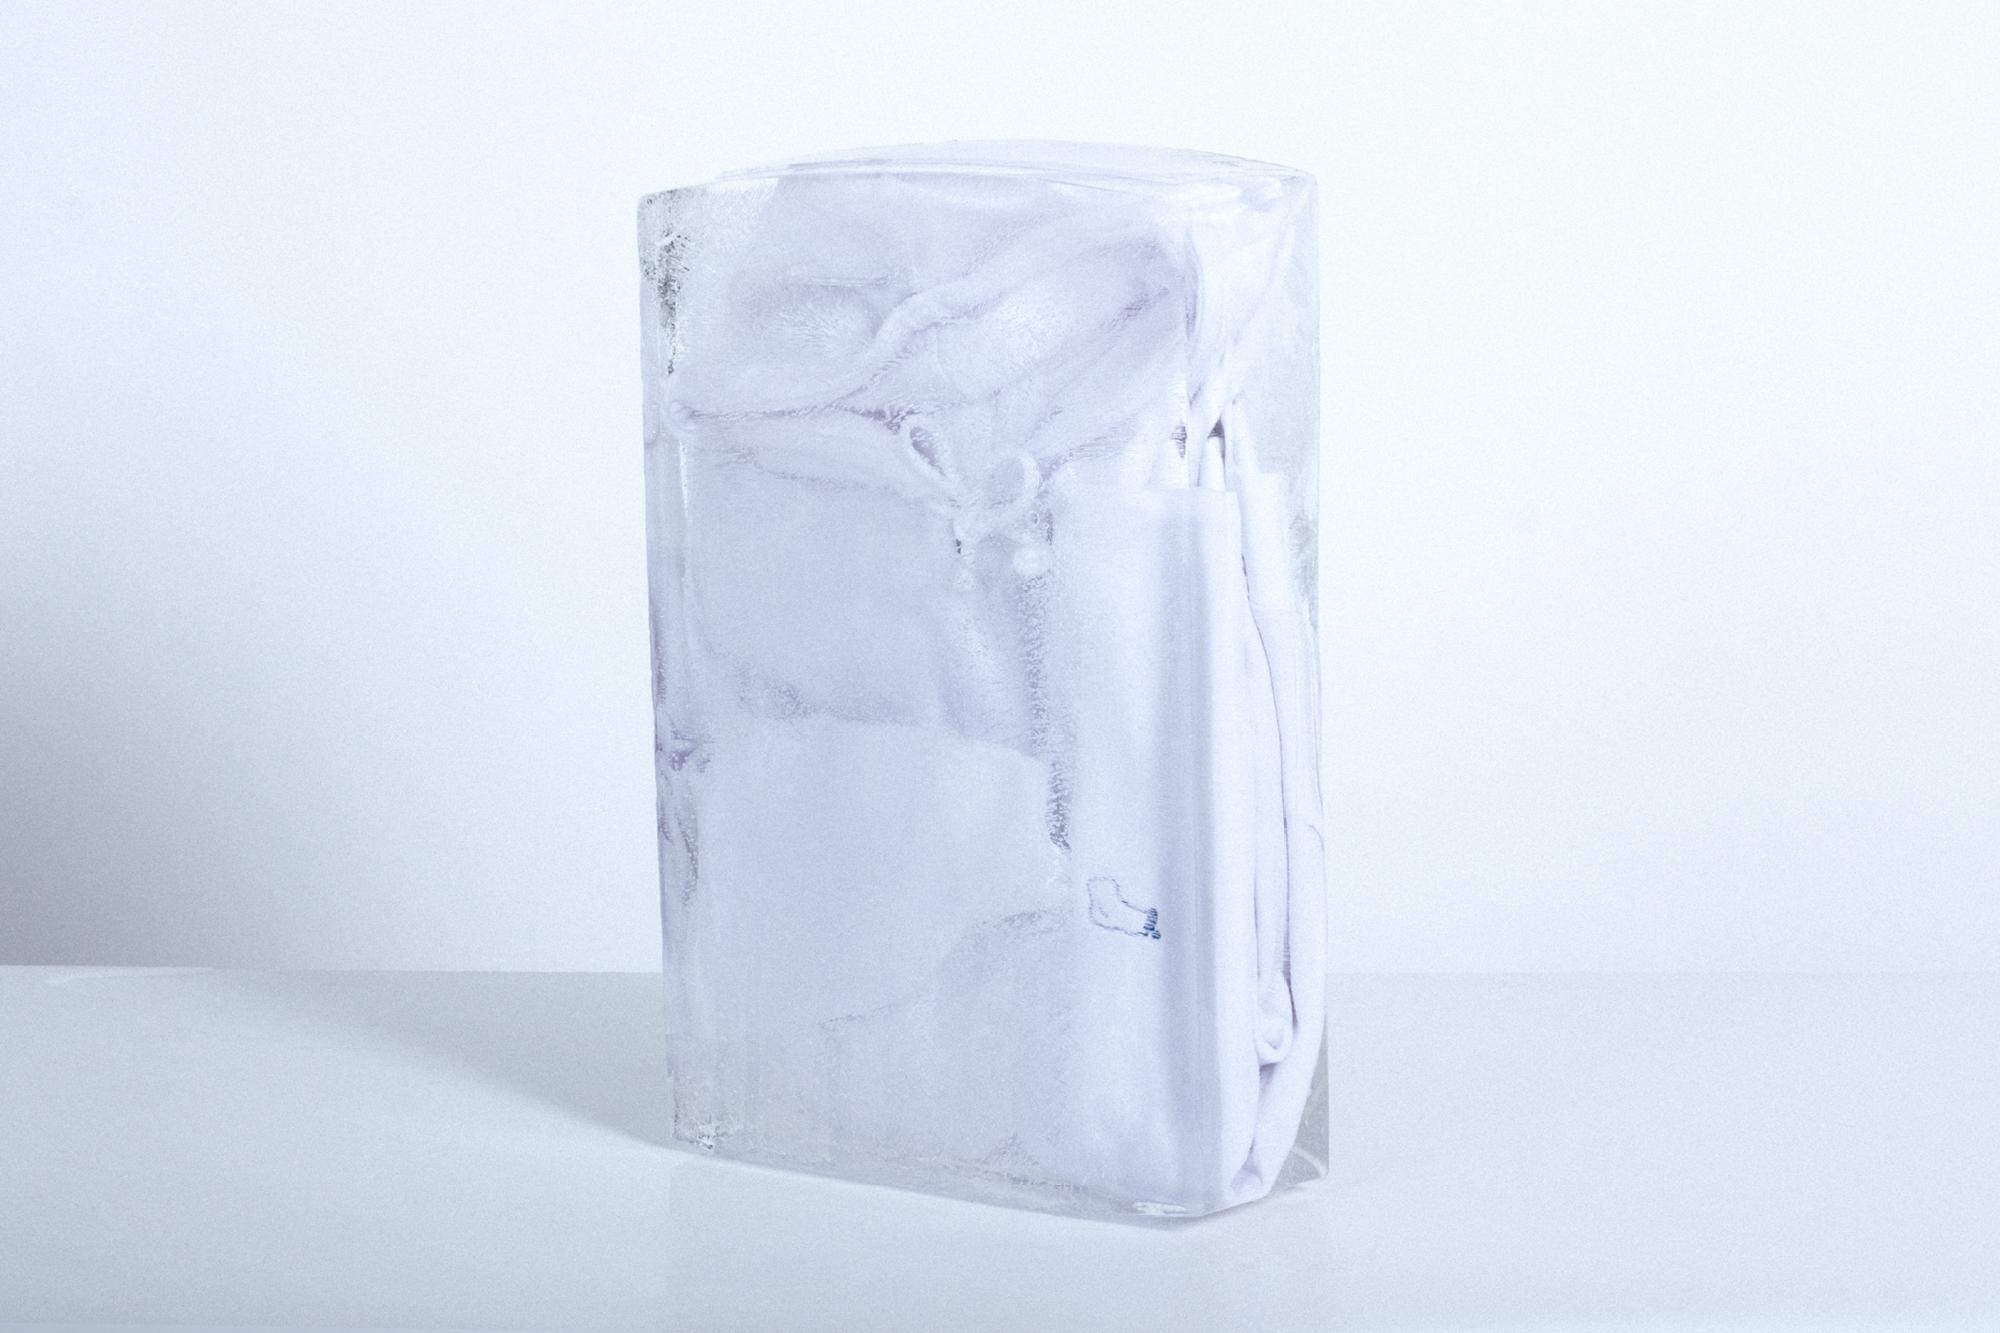 Frostbite_Cup-IG-C